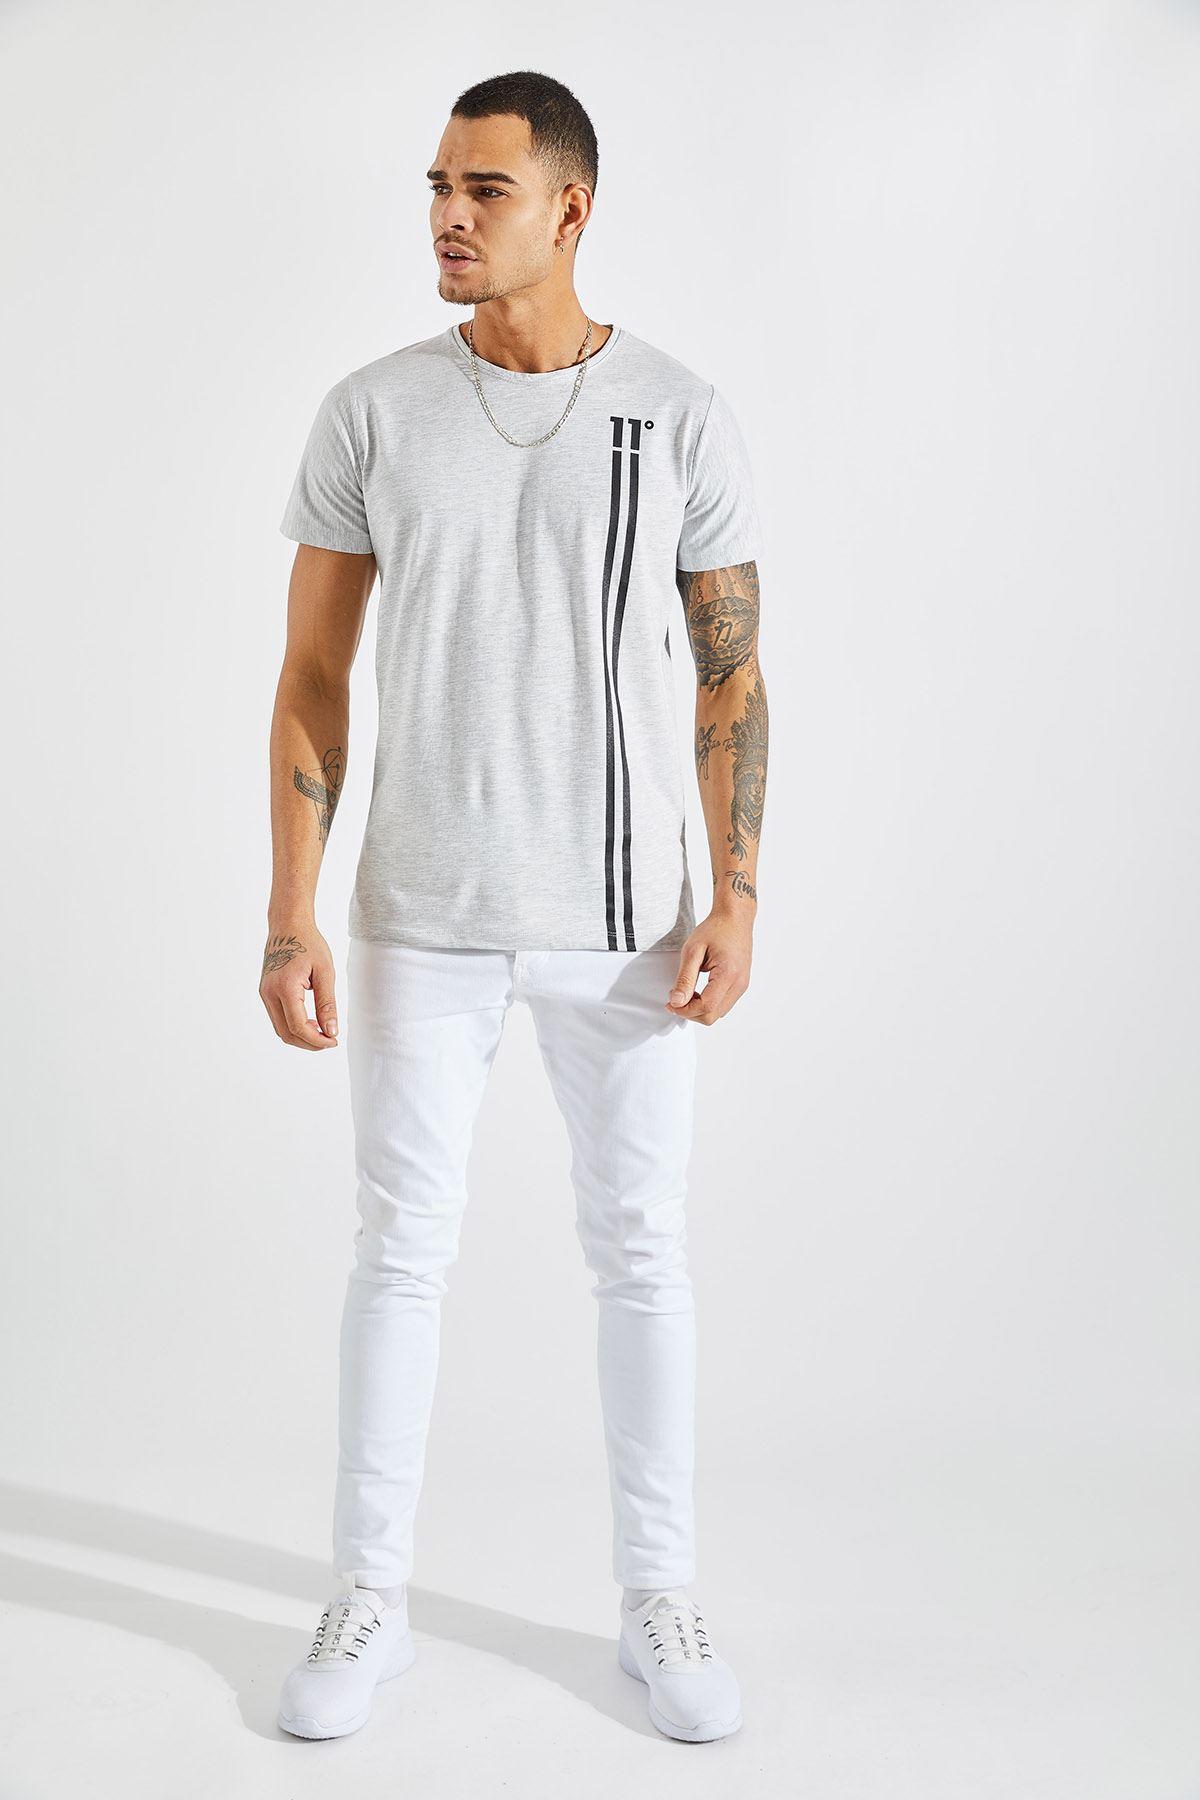 Erkek 11 Baskılı Gri Tişört